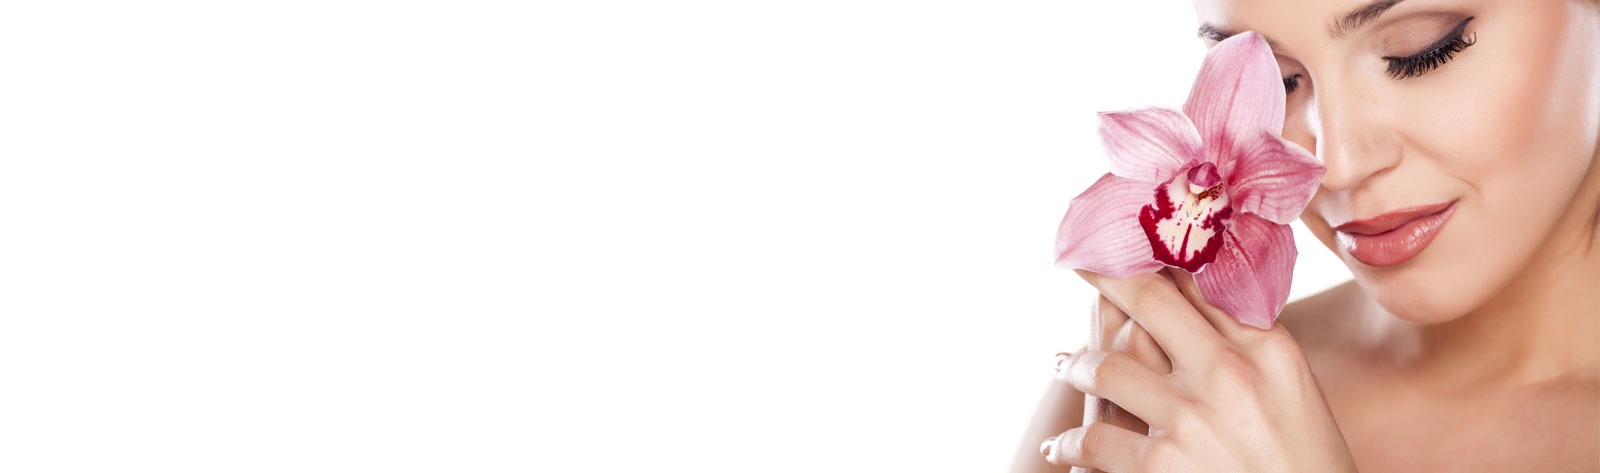 8 sposobów na szybszą rekonwalescencję po liftingu twarzy